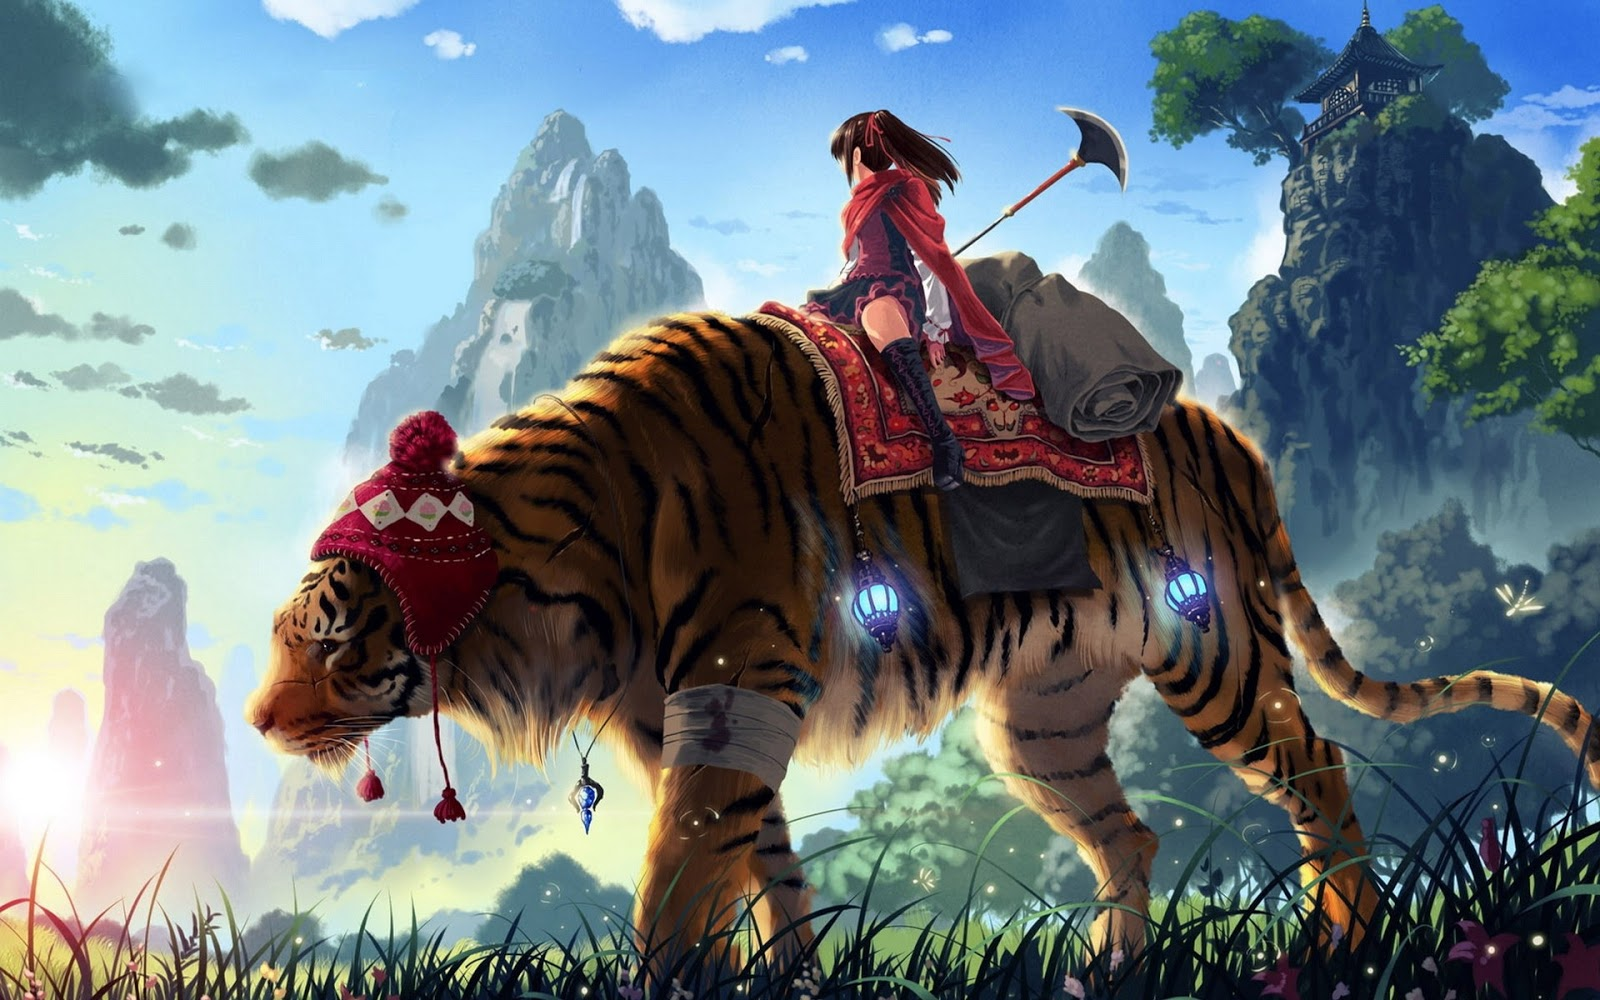 Fond d'écran animé manga - Fond d'écran hd